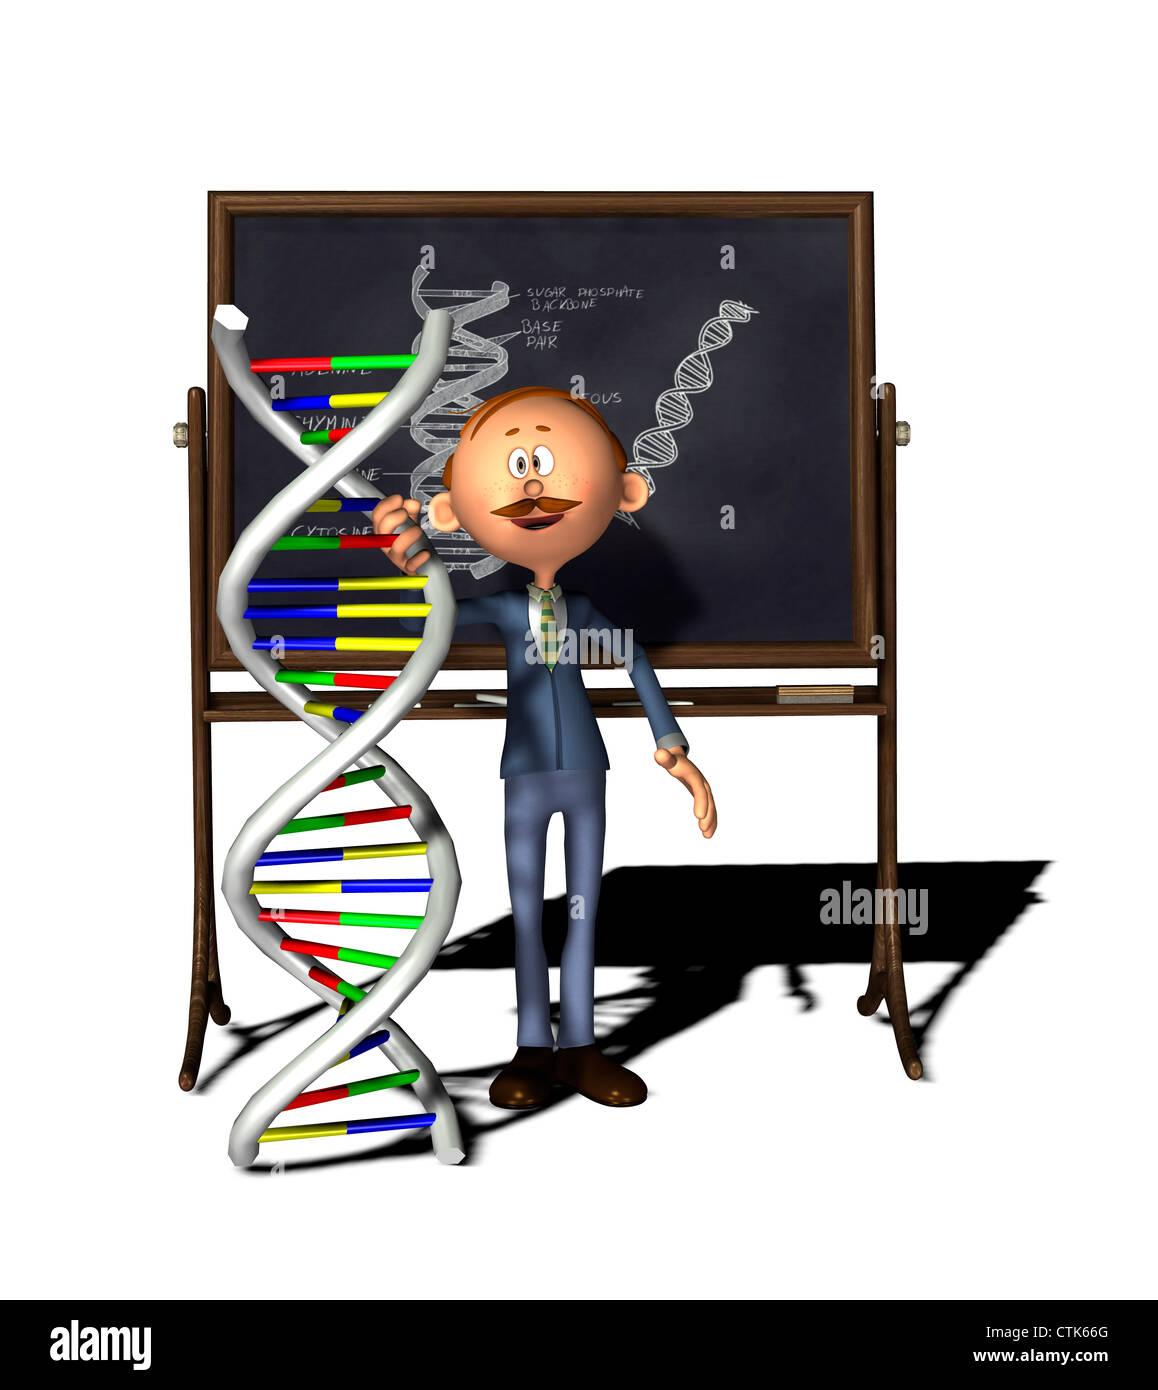 Cartoon-Figur-Lehrer mit Board und DNA-Modell Stockfoto